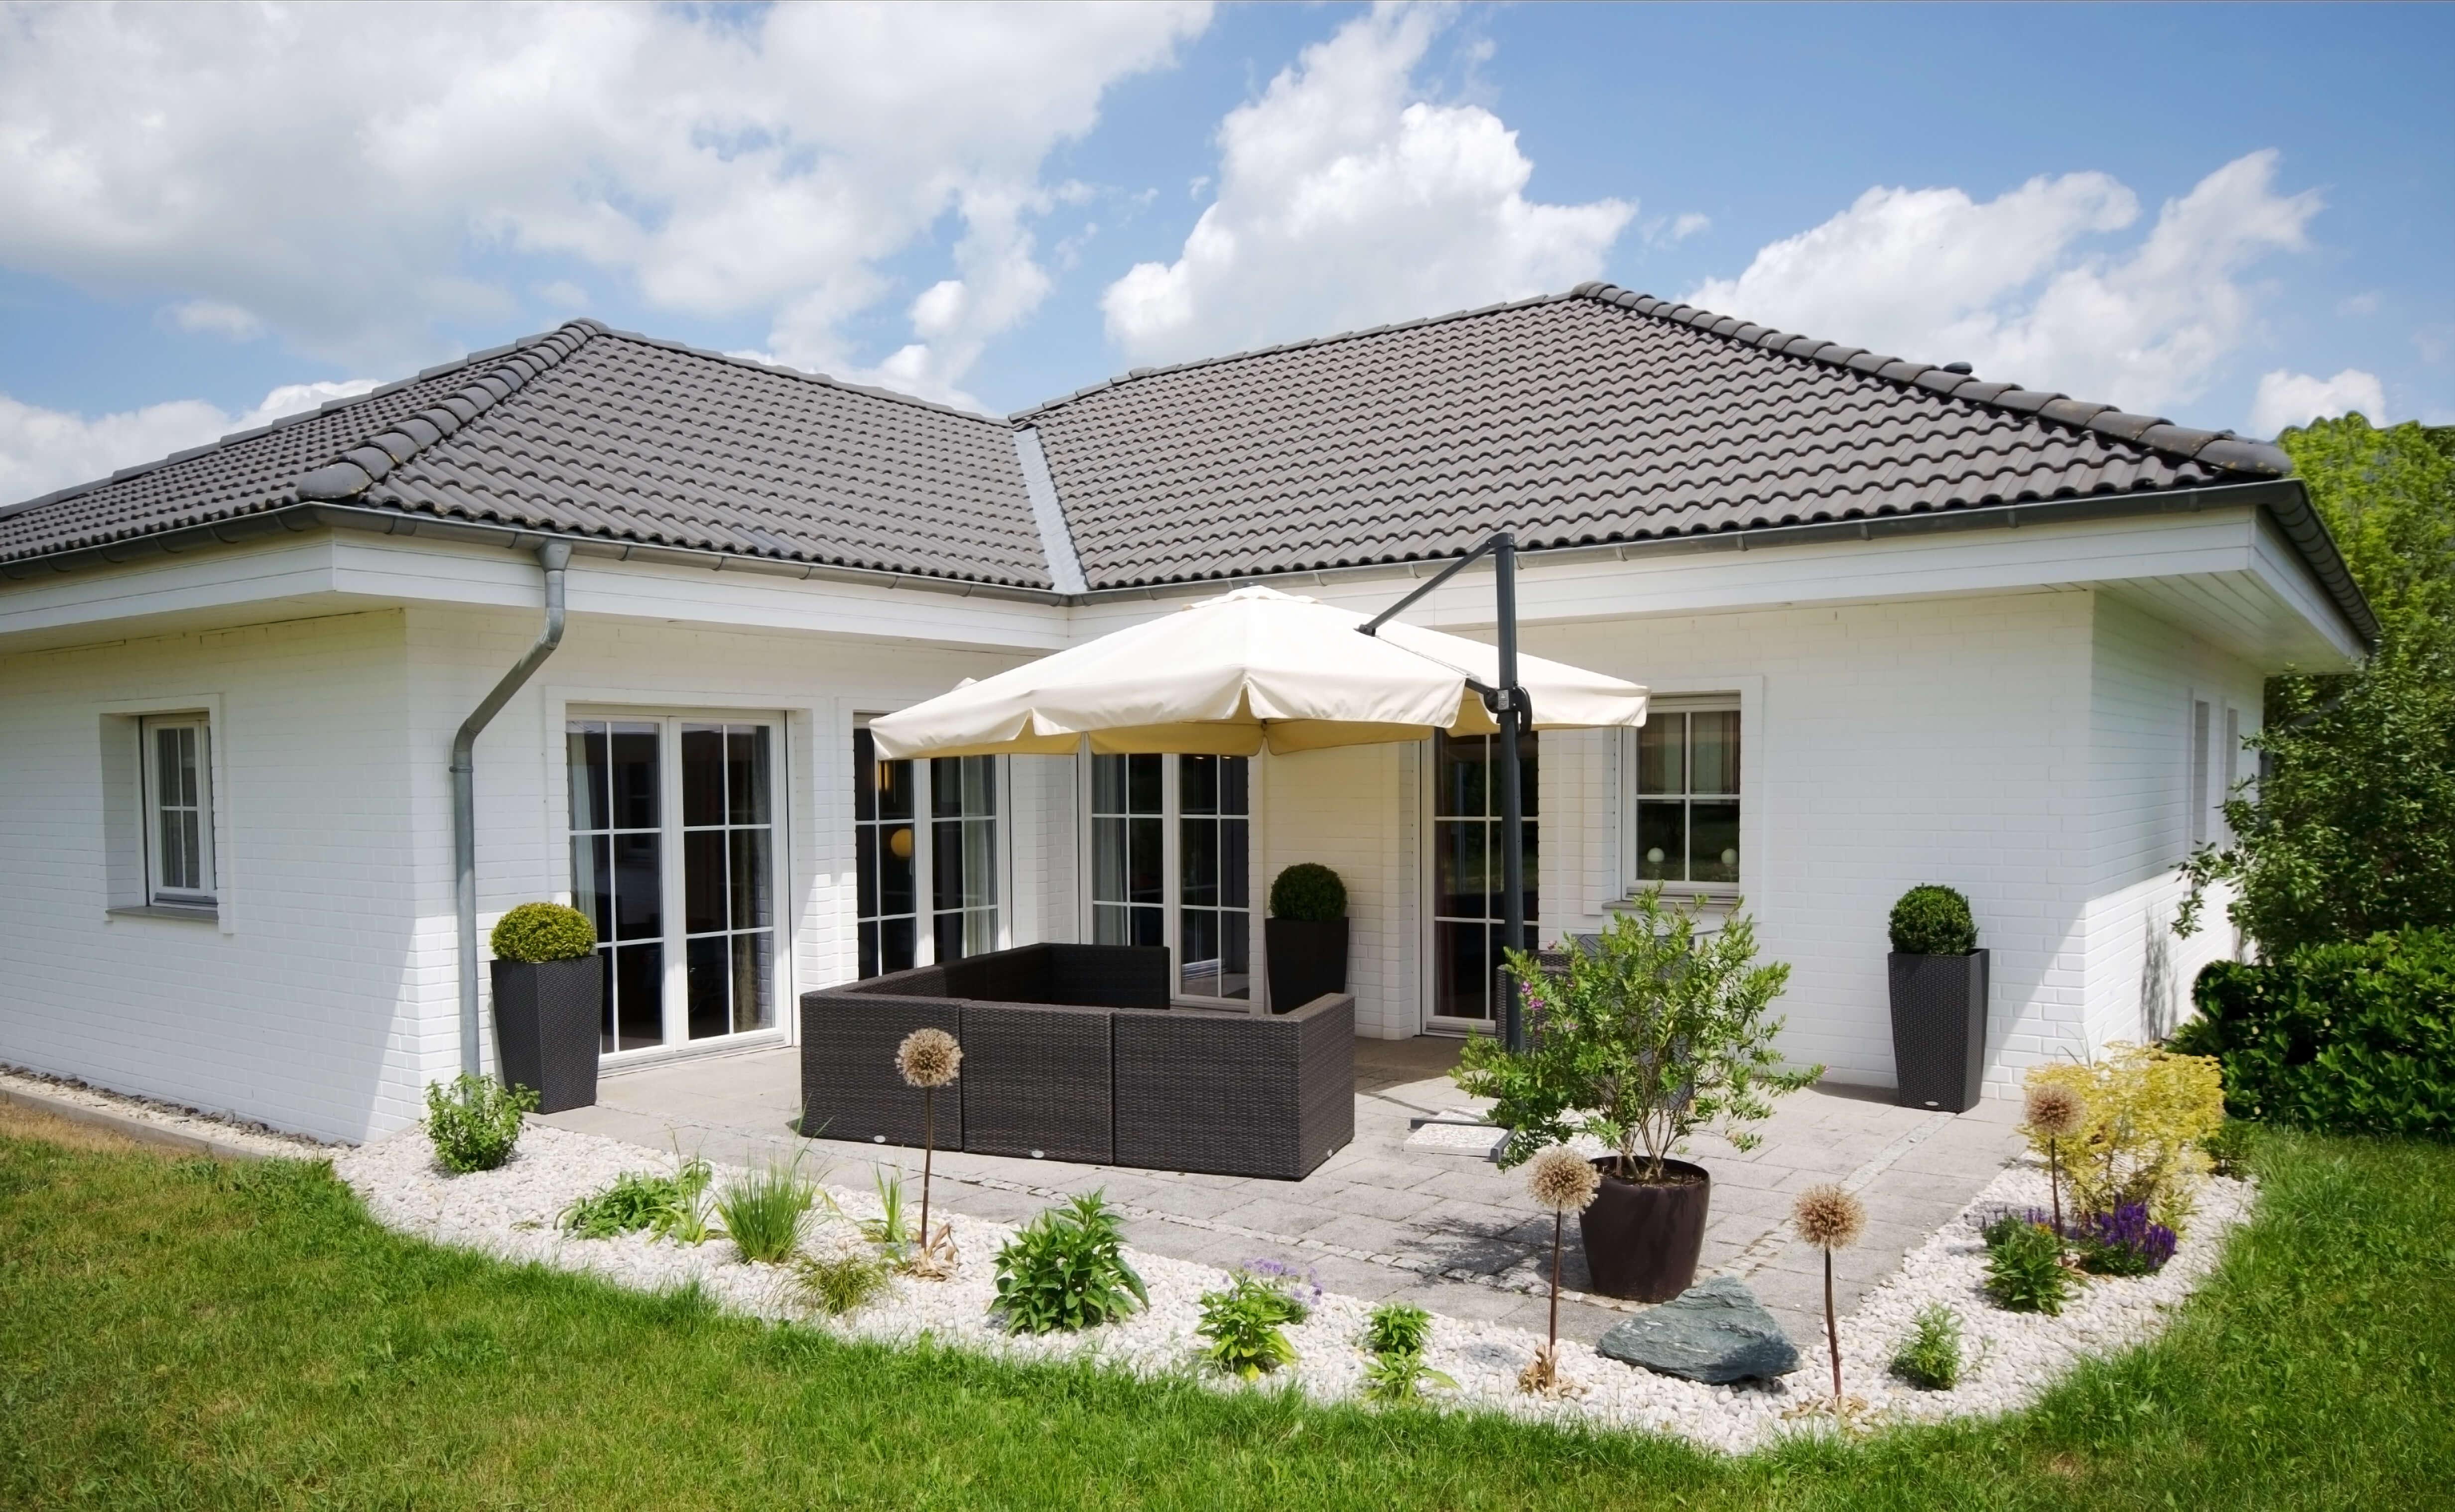 Häuser und Immobilien in Nagold, Rottenburg, Baden-Baden und weiteren Städten.